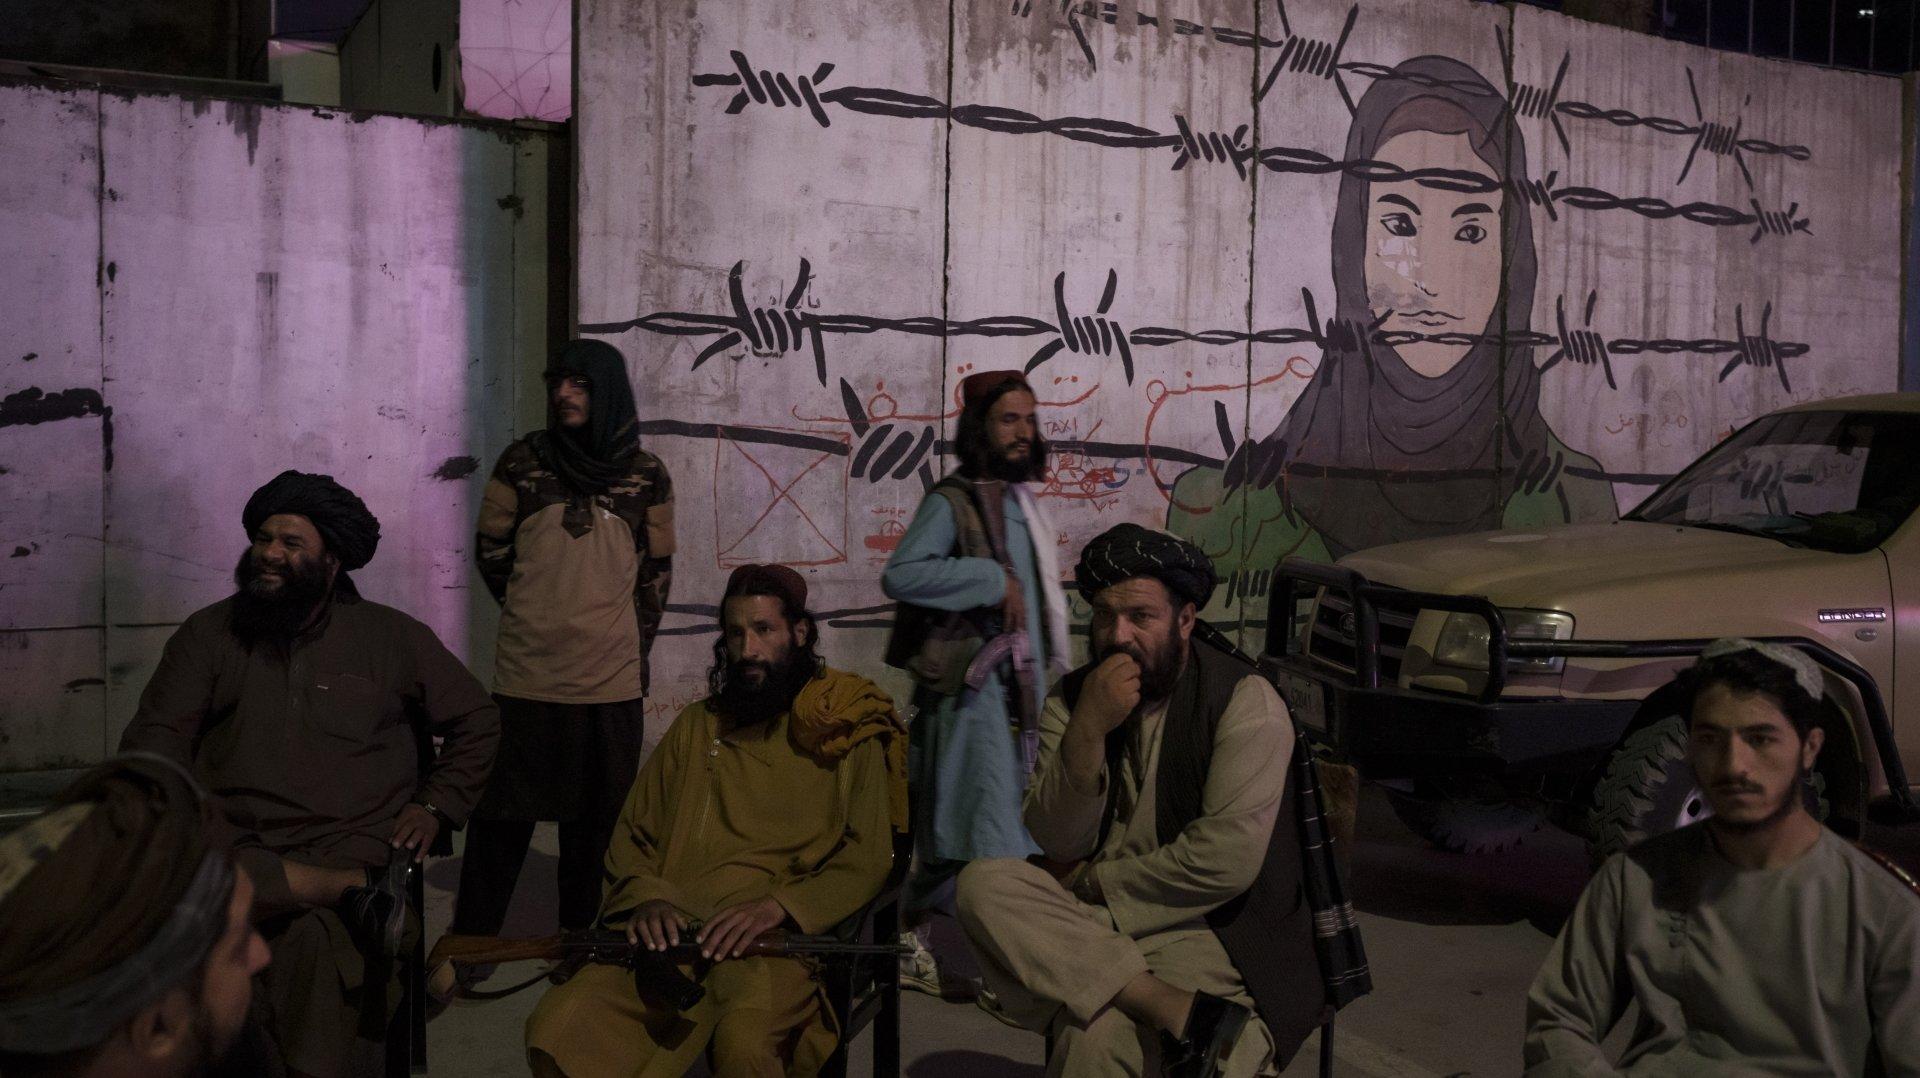 «Une femme afghane qui refuse (…) de voir un de ses enfants amputé d'une main s'il chaparde, obéit-elle vraiment à quelque précepte importé?», demande Nicolas Rousseau. Photo: des talibans à Kaboul le 21septembre 2021.